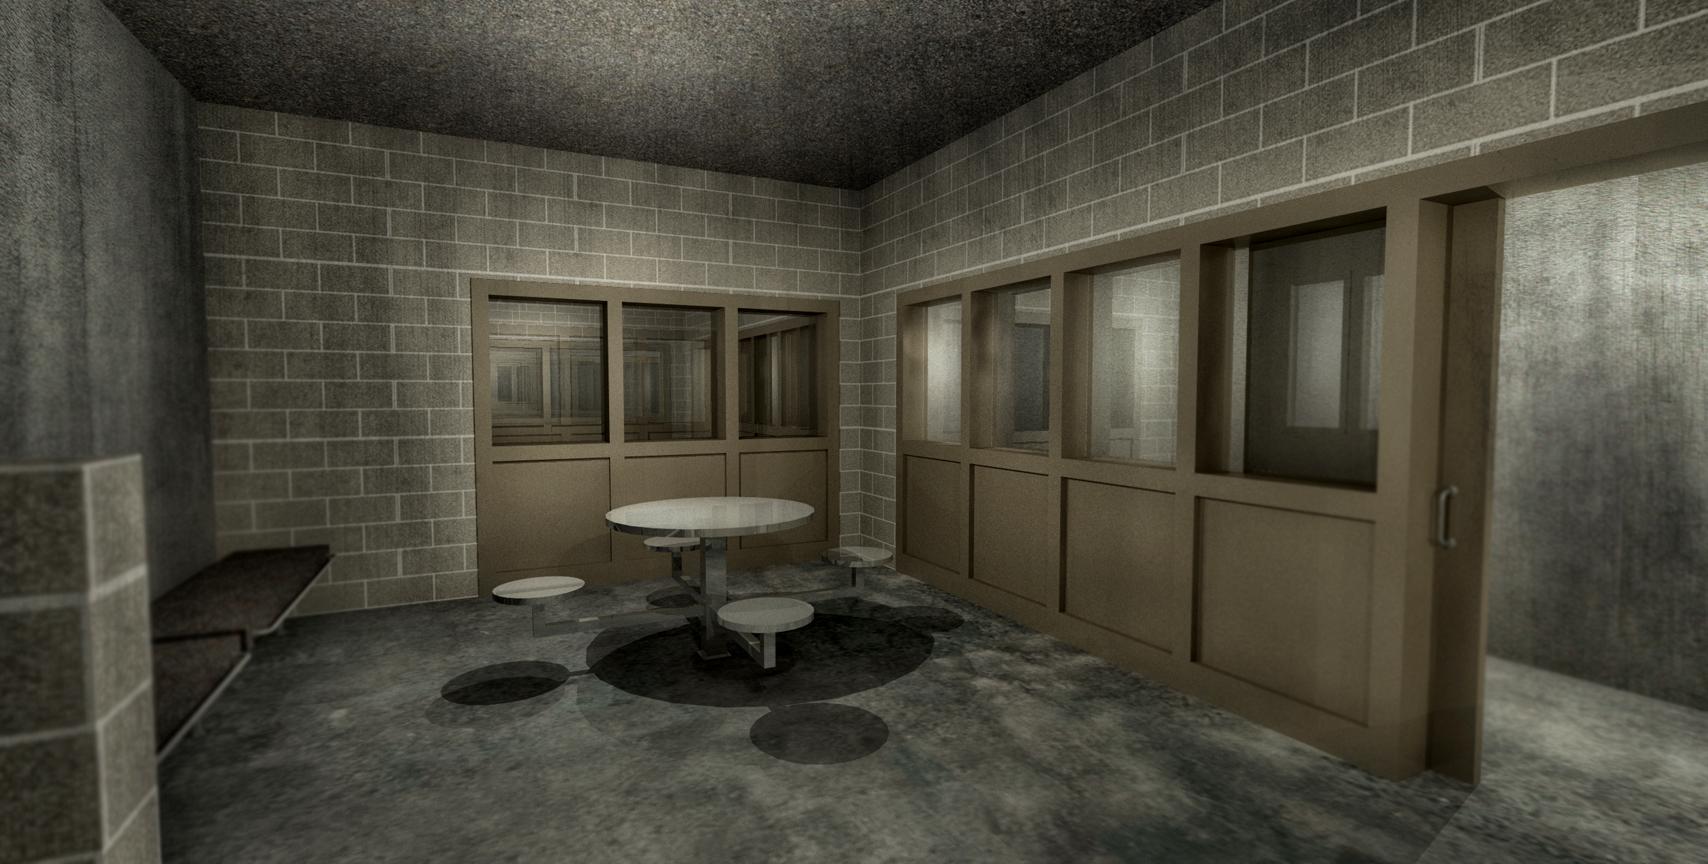 PRISON VISITATION ROOM - 3D RENDERING